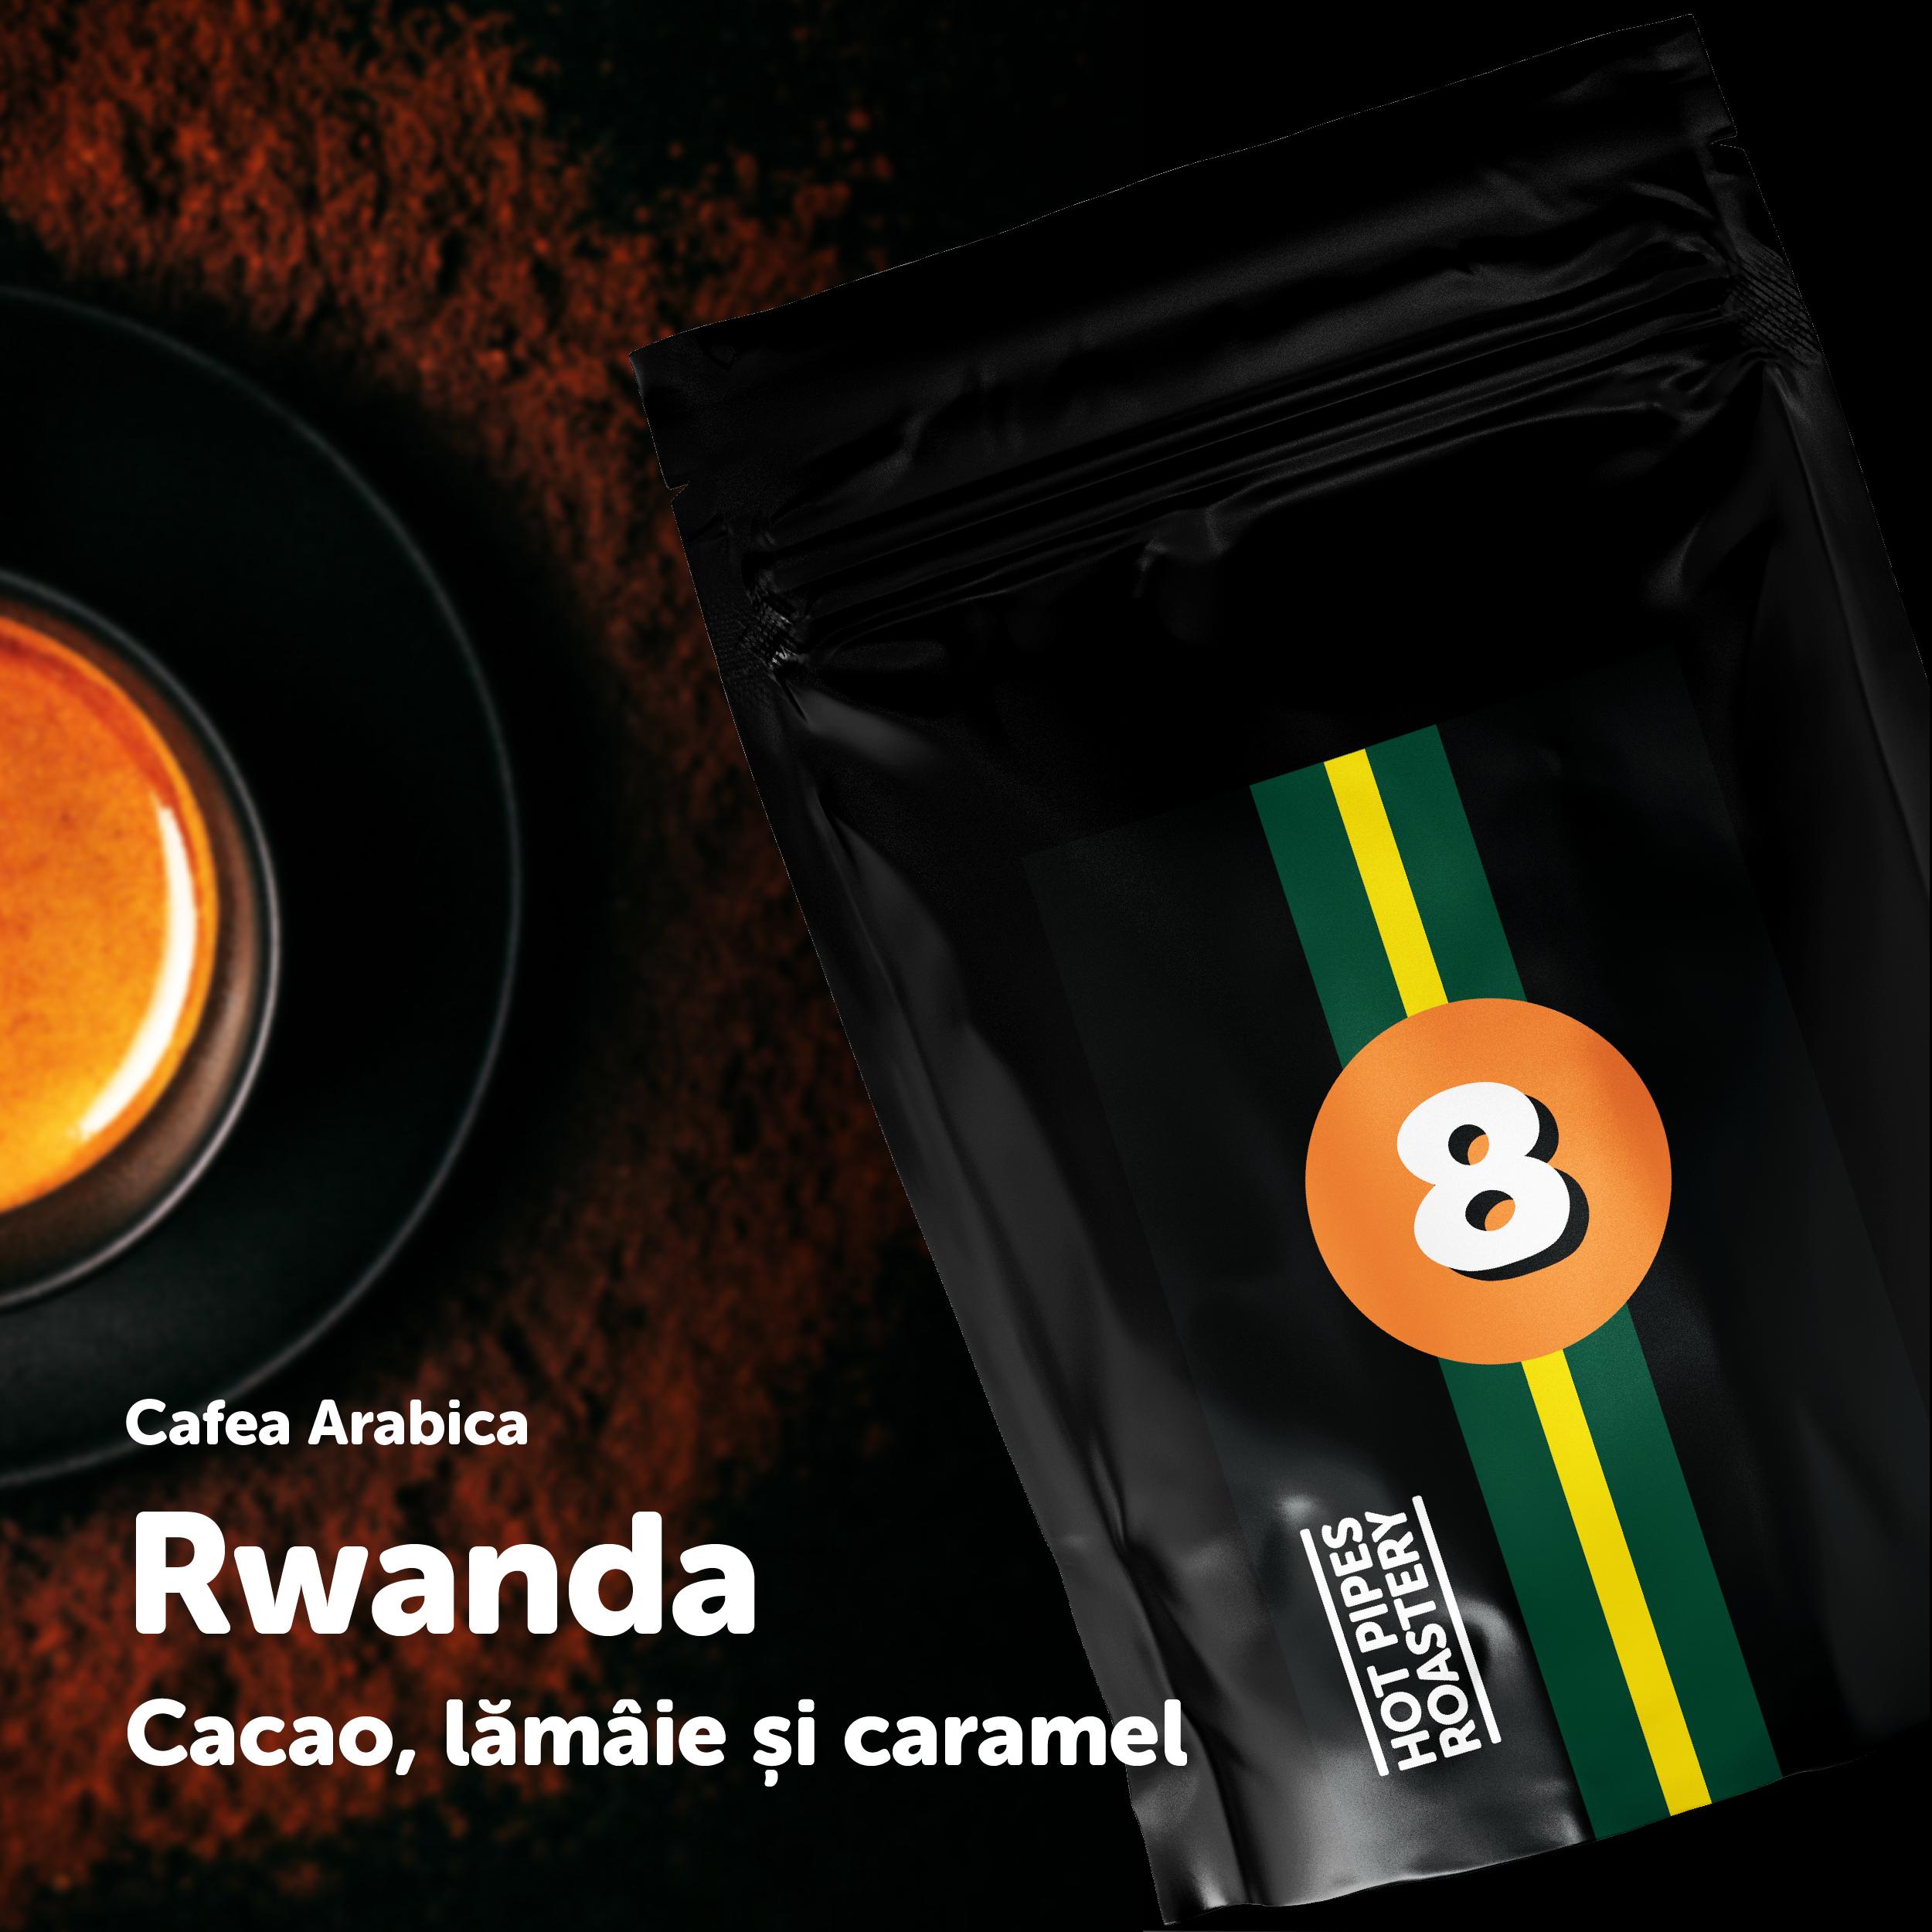 Rwanda 1200x1200 01